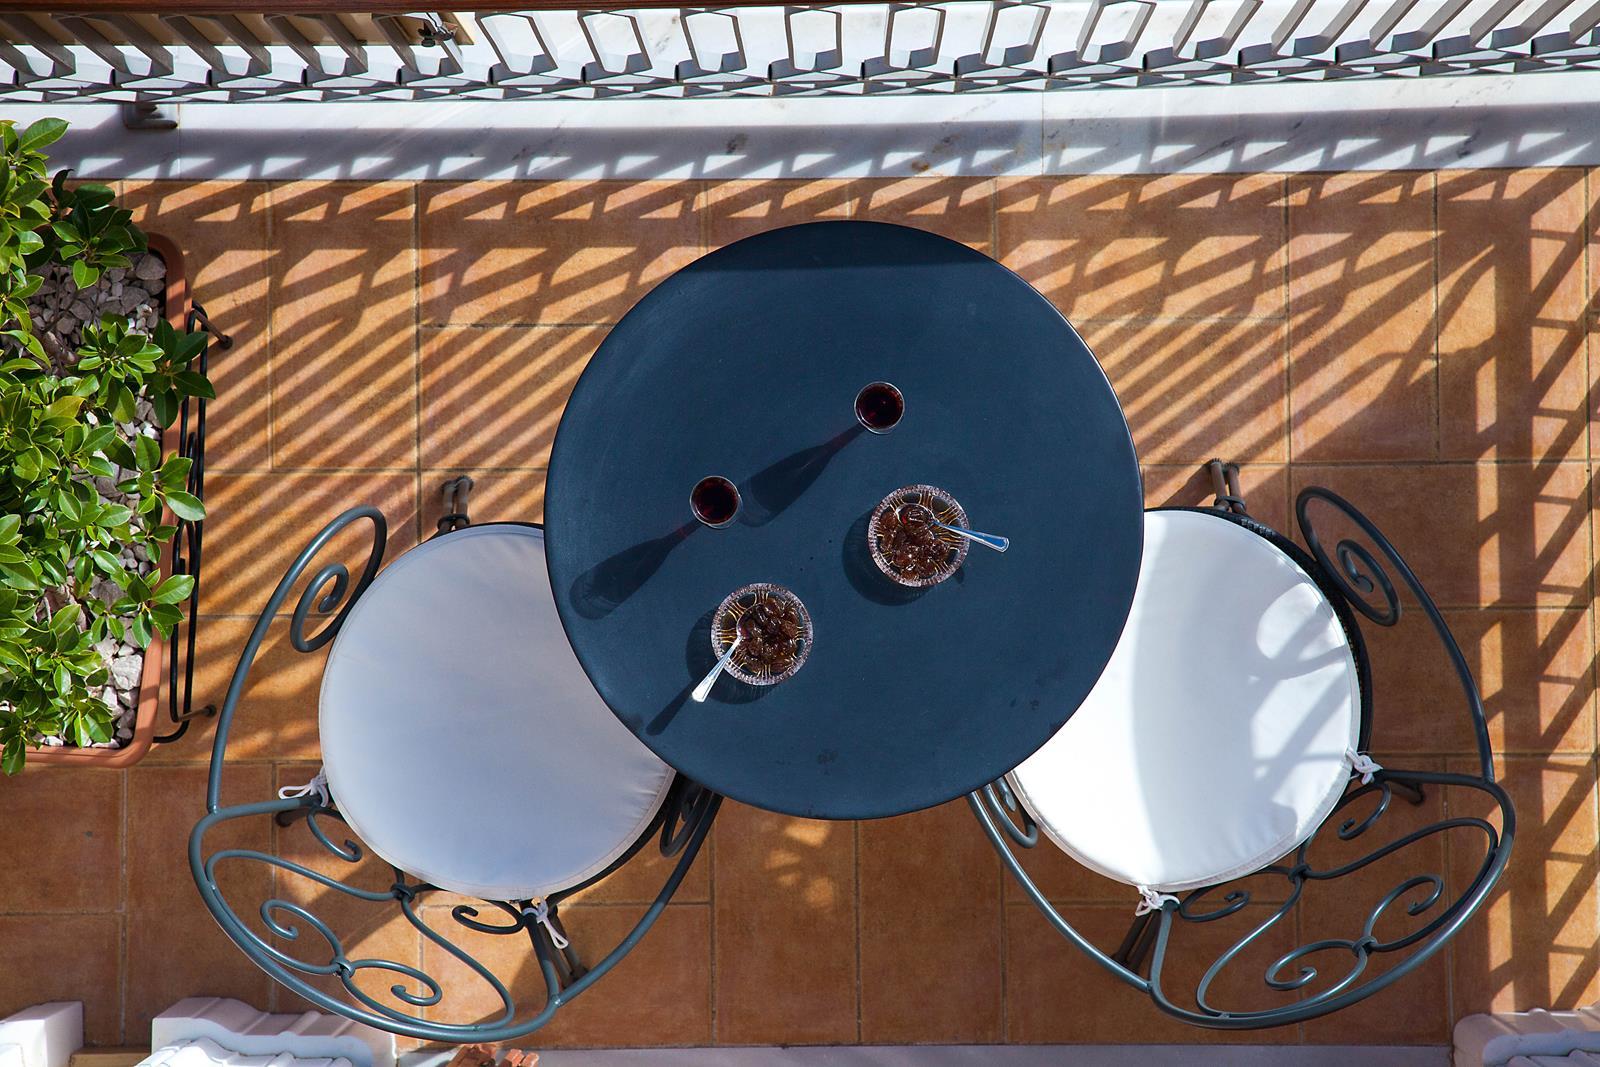 δωματια ναυπλιο - Aetoma hotel